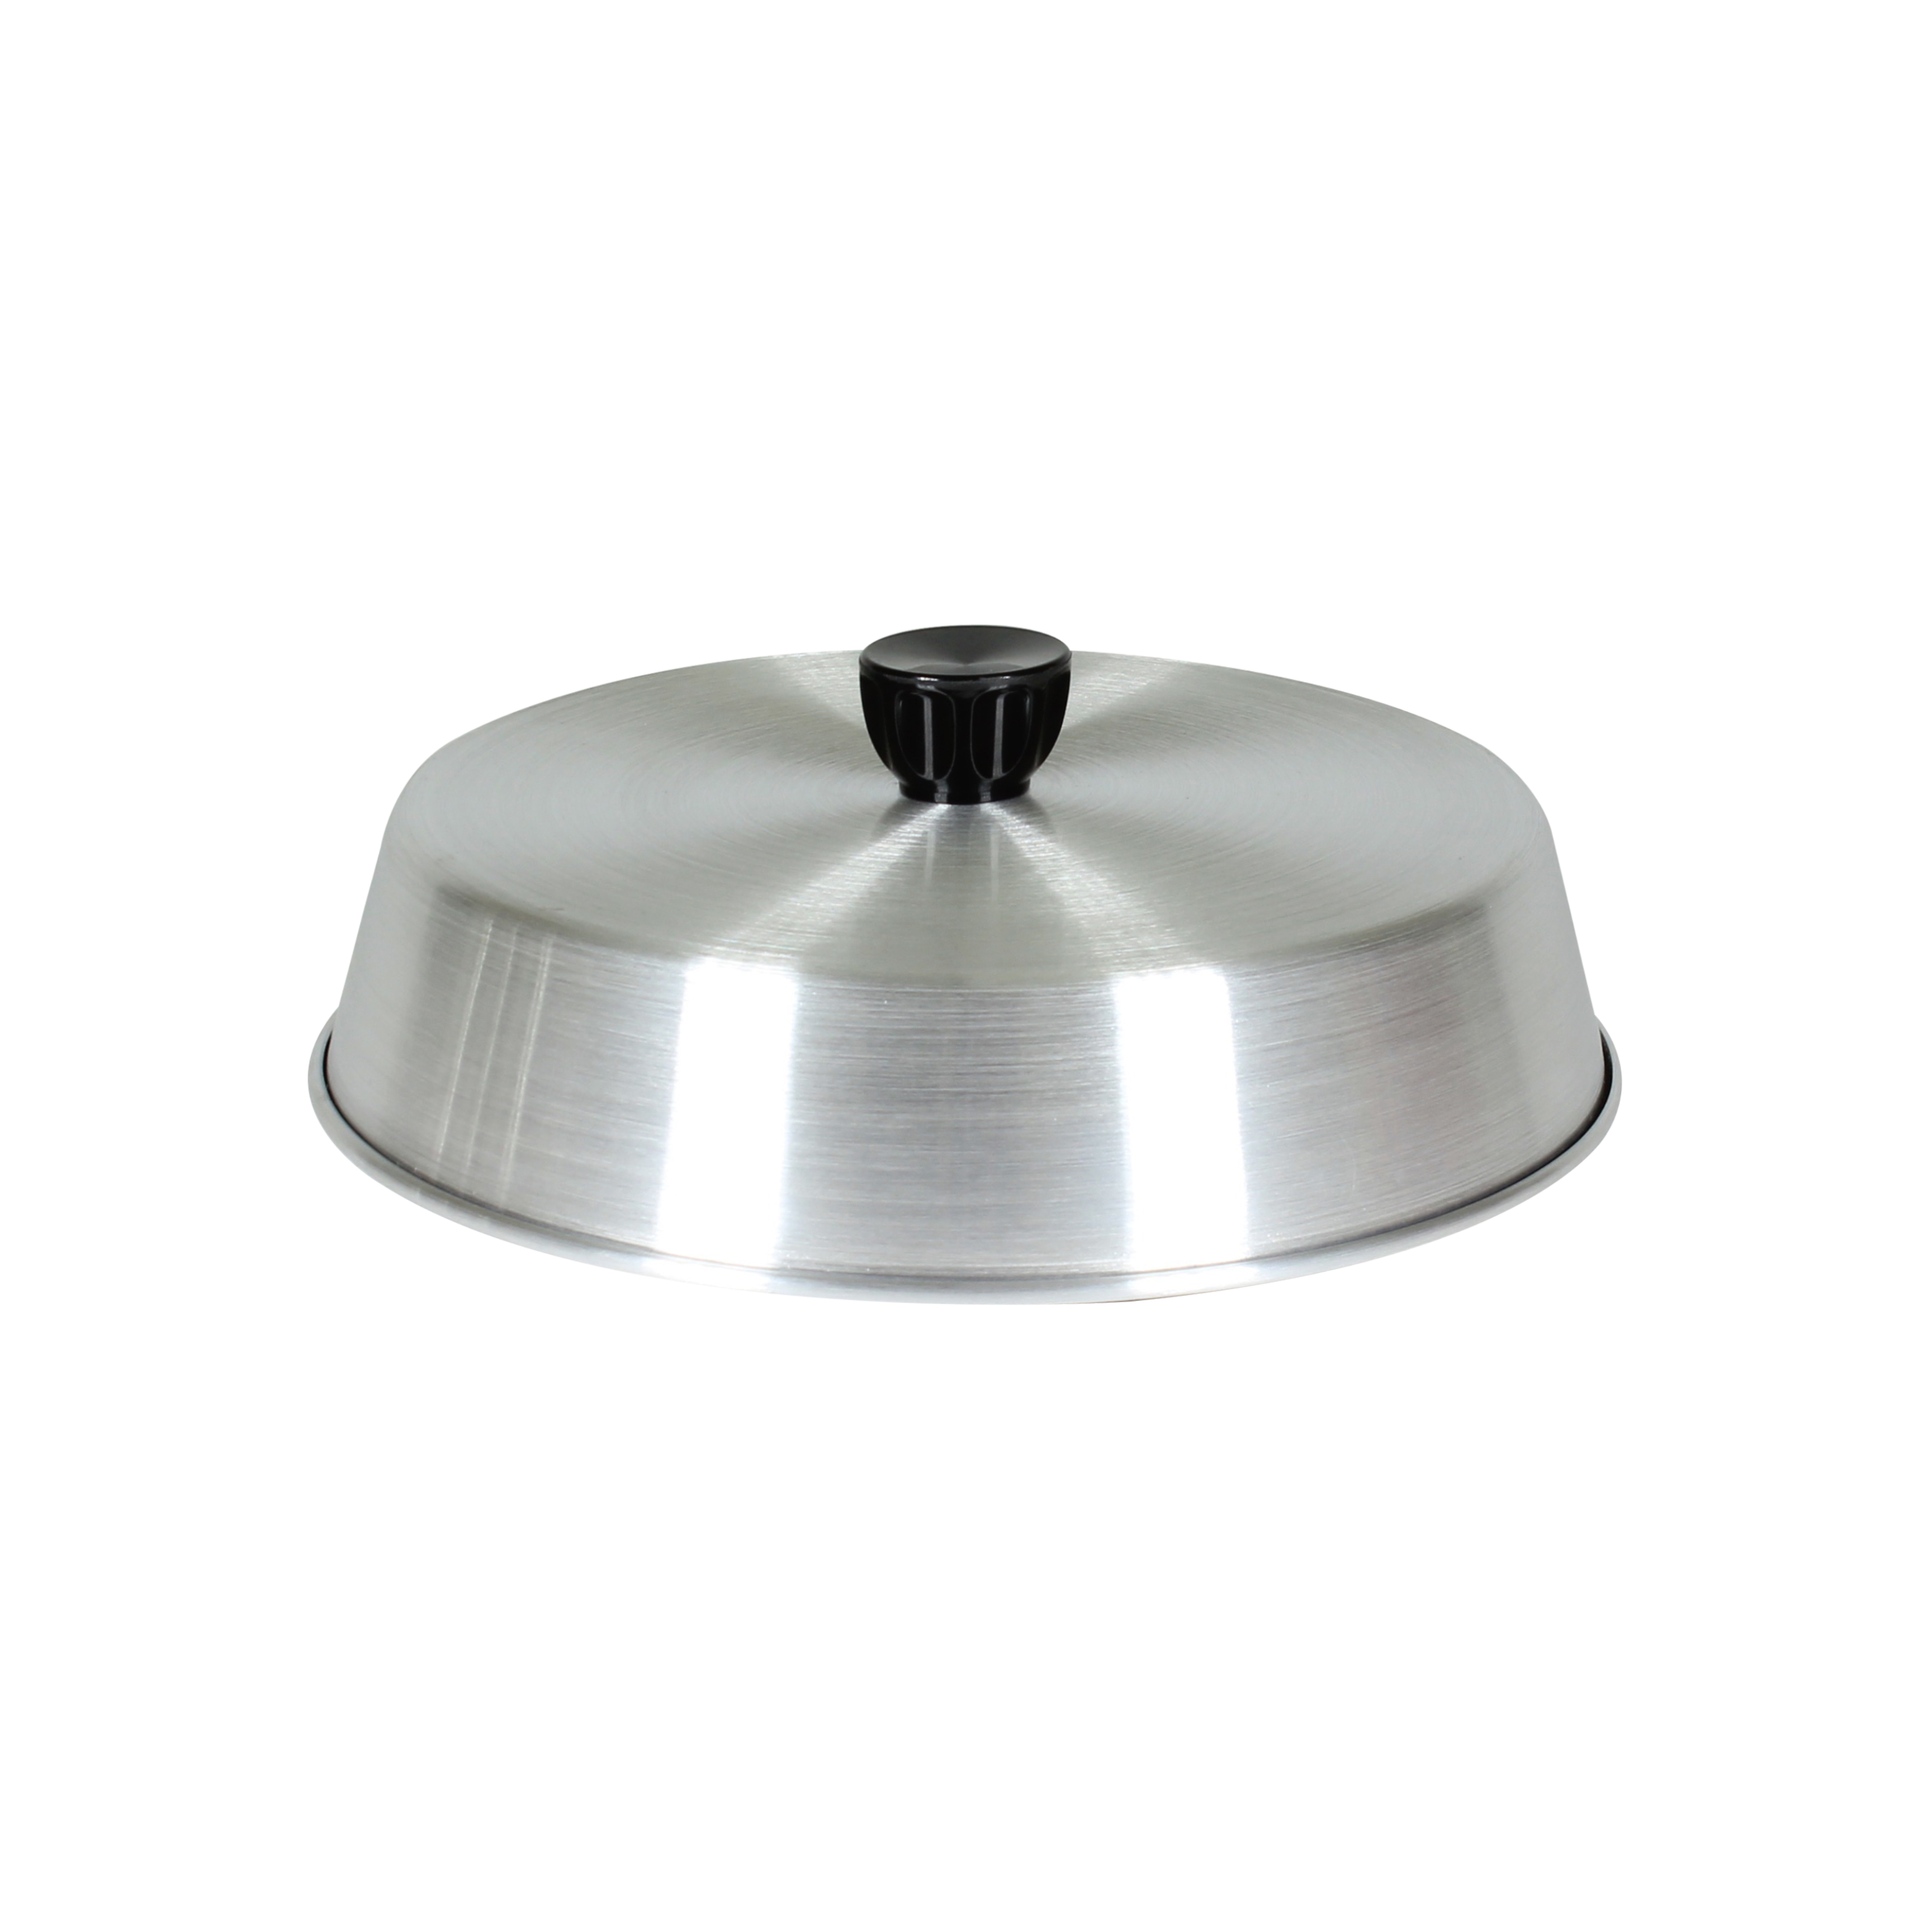 Thunder Group ALBC010 kitchen utensils; basting cover